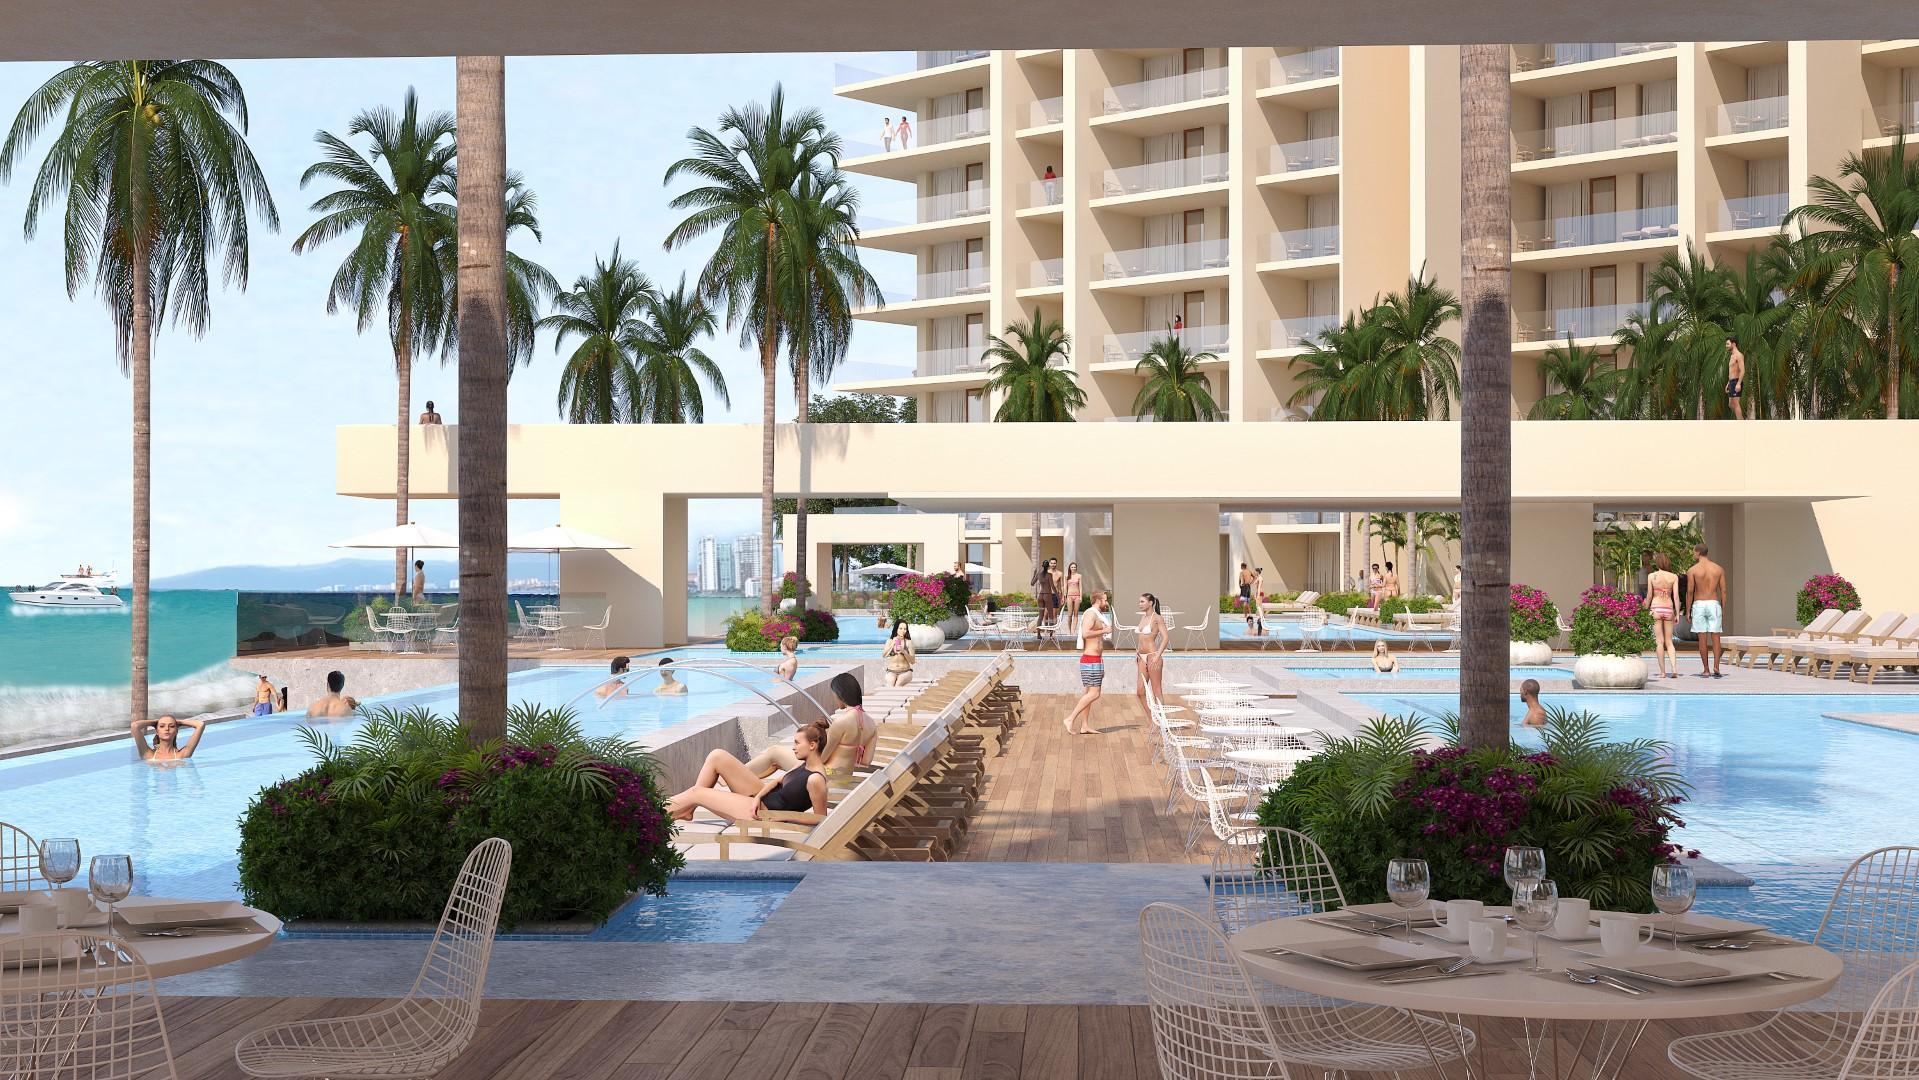 Hotel Zone, 1 Bedroom Bedrooms, ,1 BathroomBathrooms,Condo,For Sale,Febronio Uribe,22146